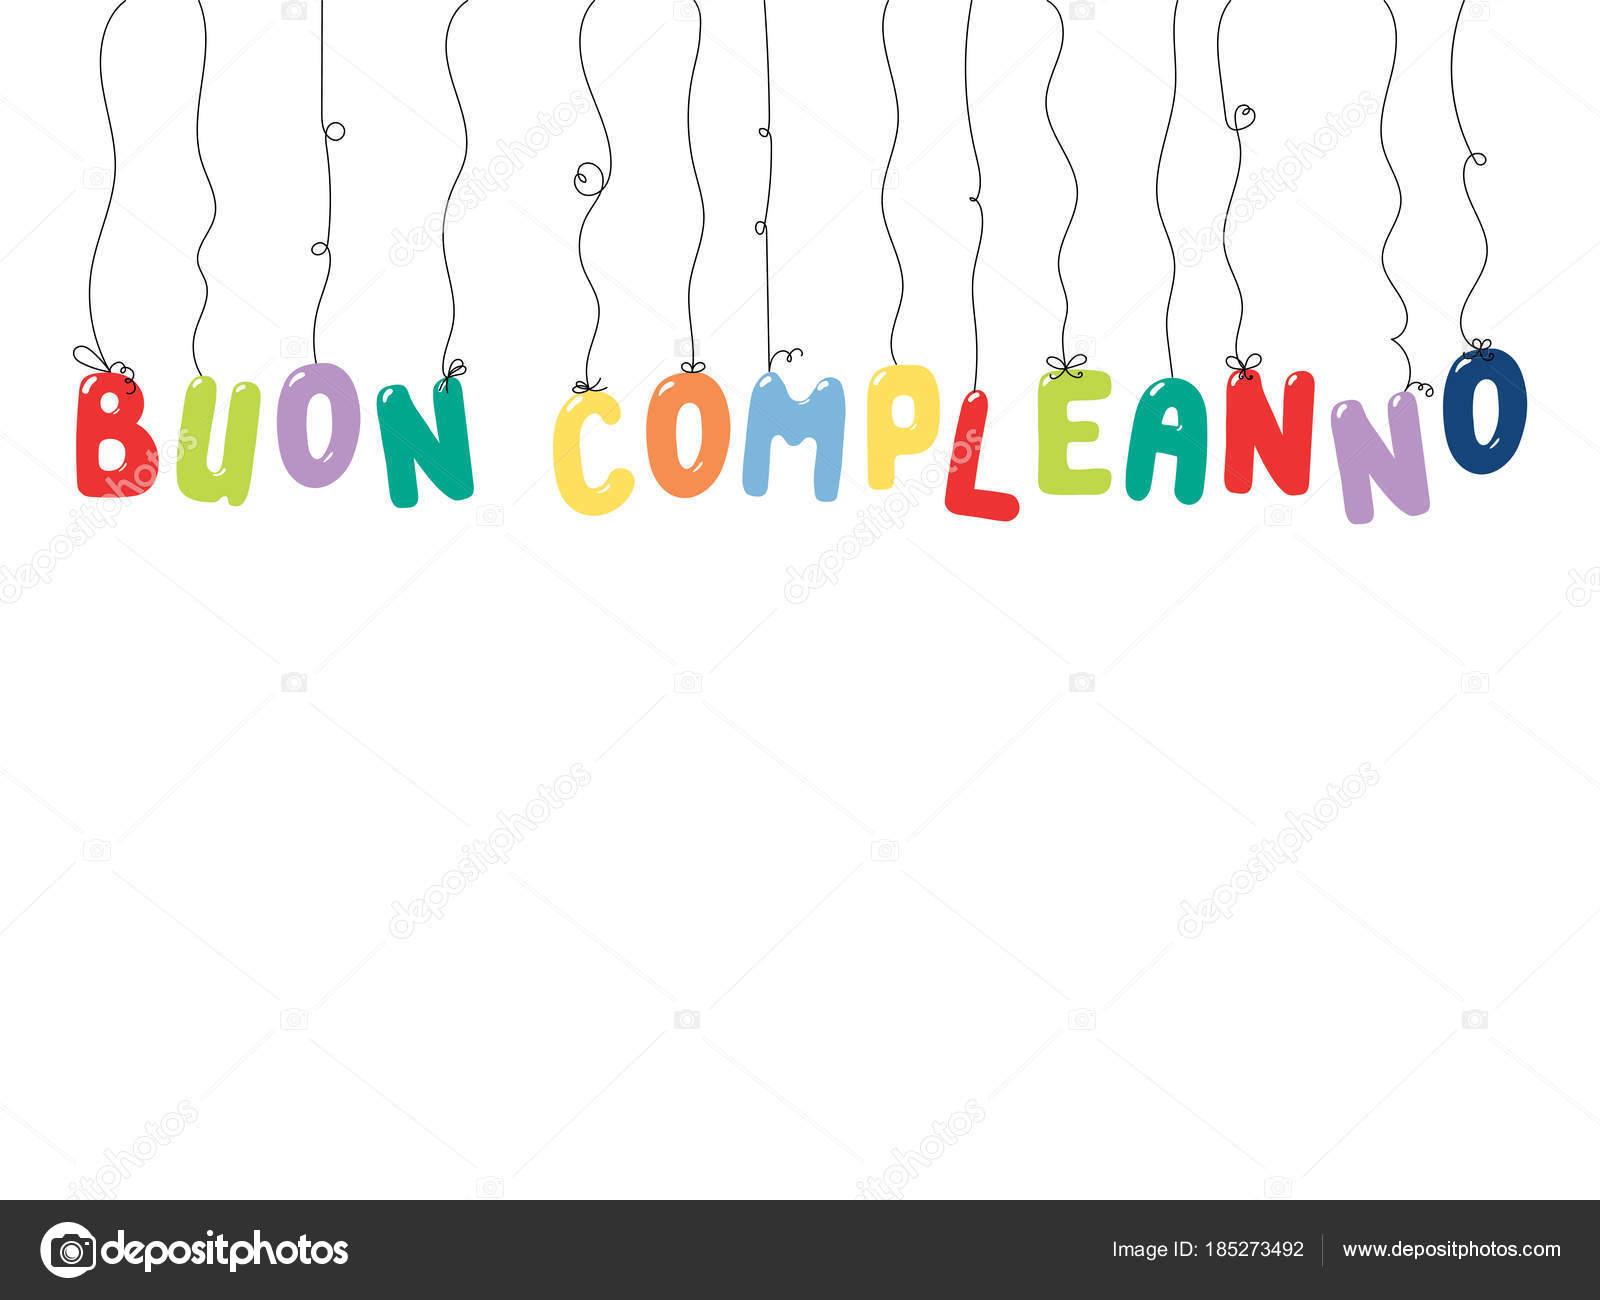 Herzlichen Gluckwunsch Zum Geburtstag Auf Italienisch